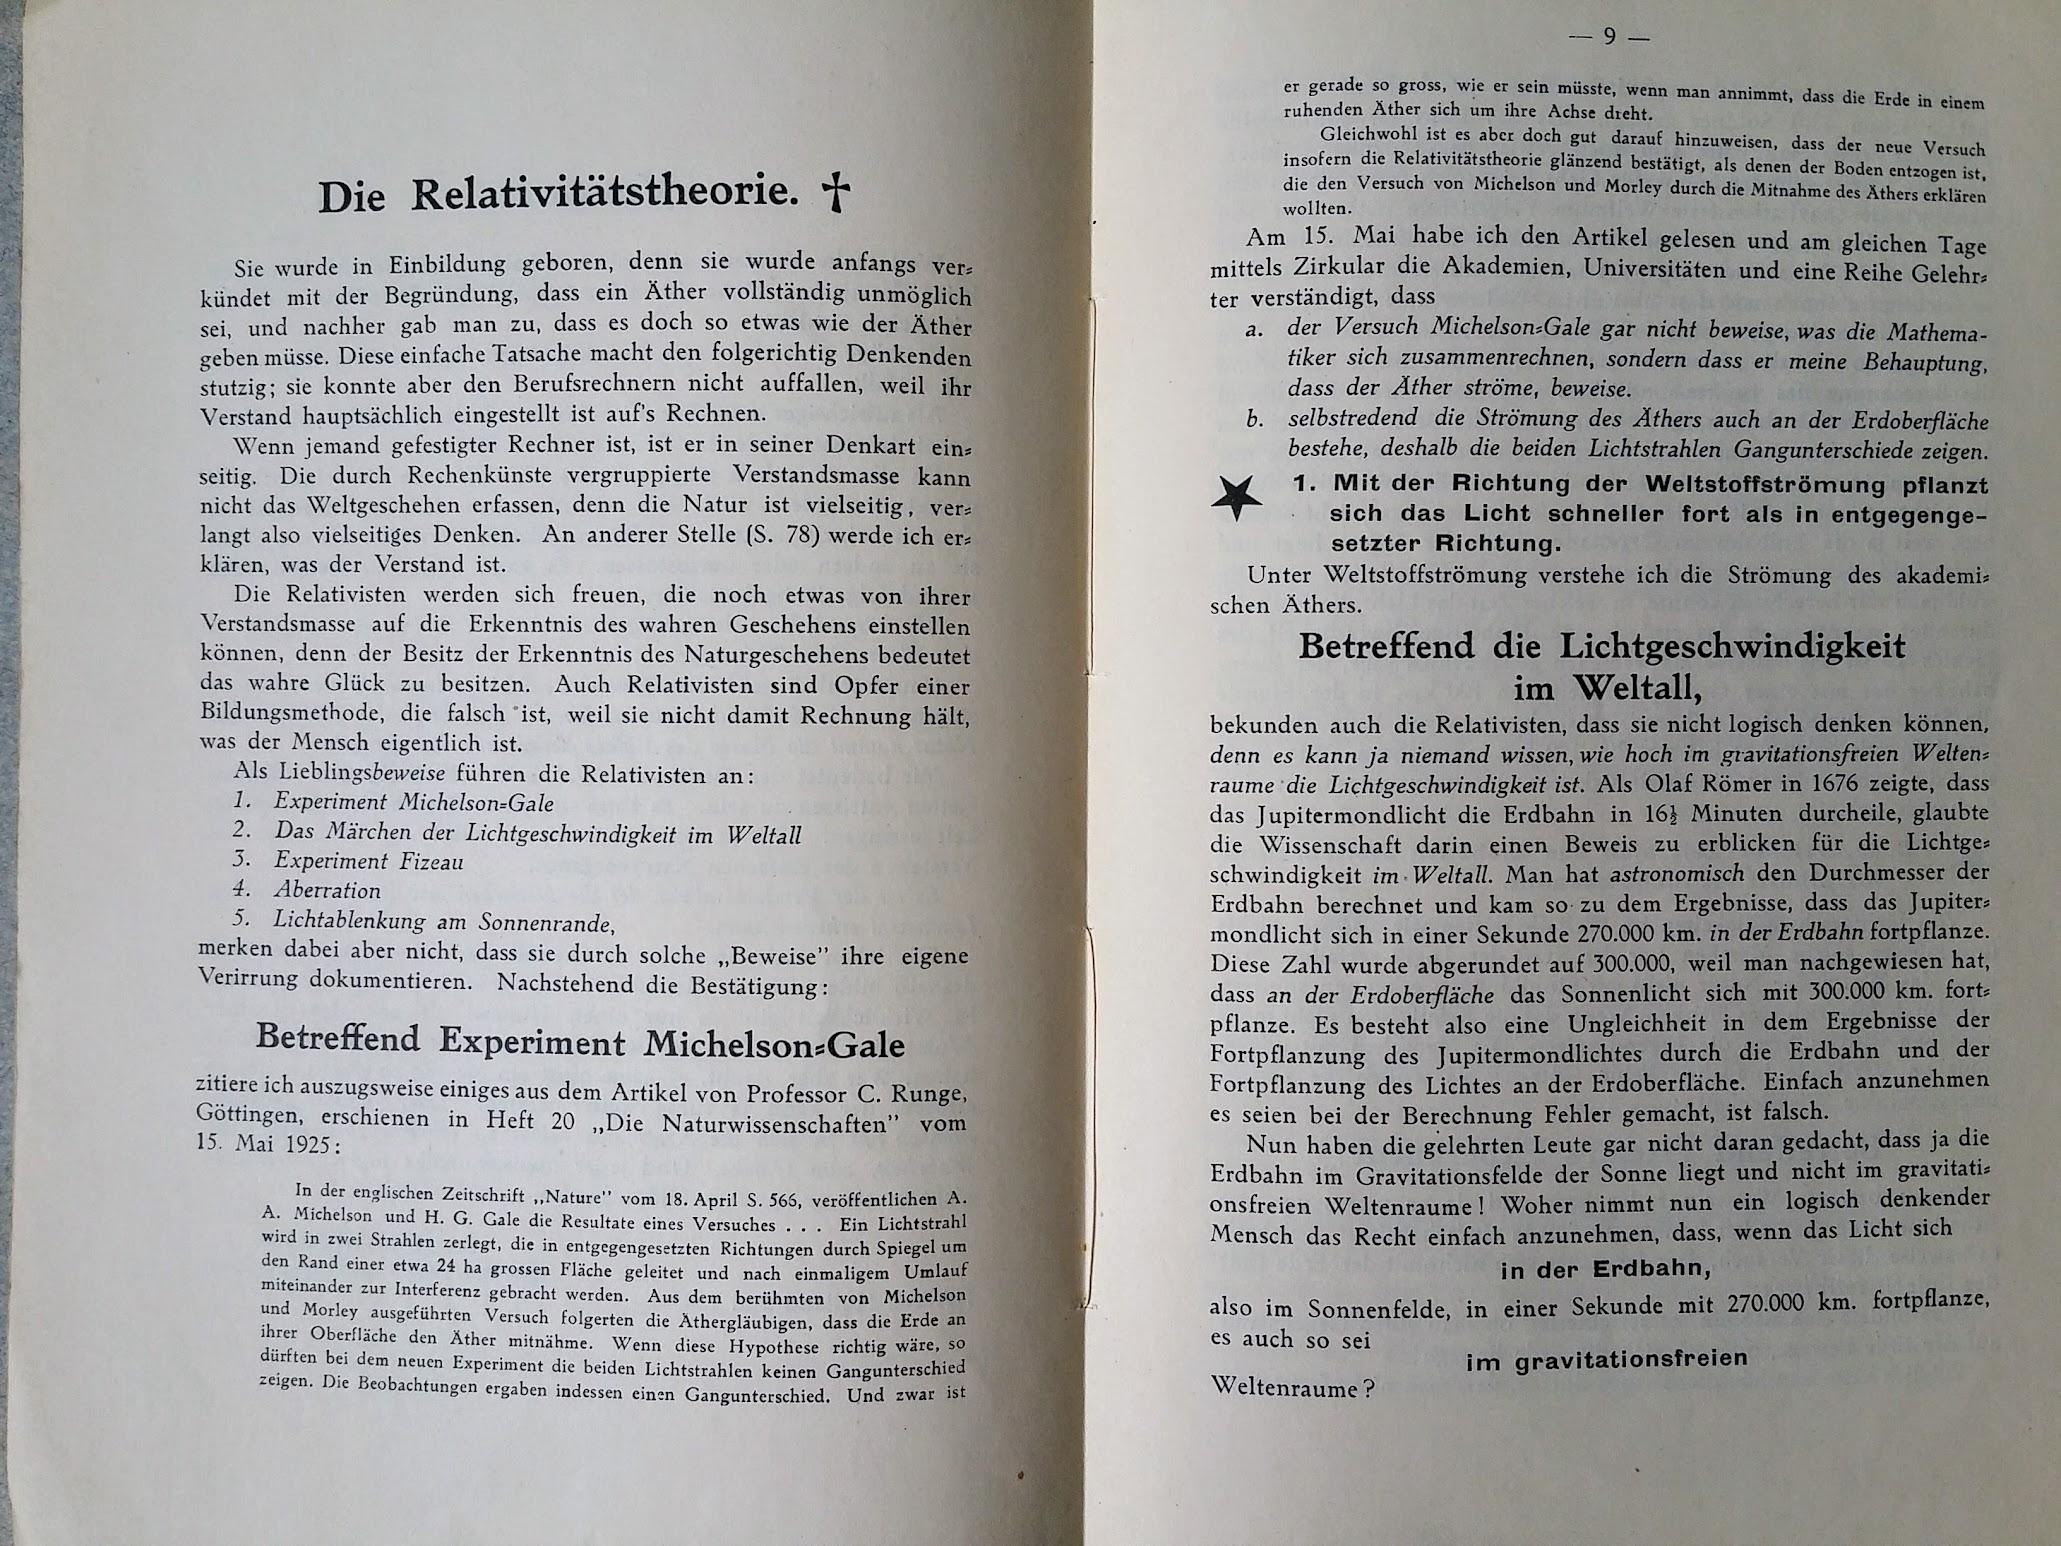 Paul Lamberty - Die Ursache von allem erkannt - Das Ende der Relativitätstheorie - 1925